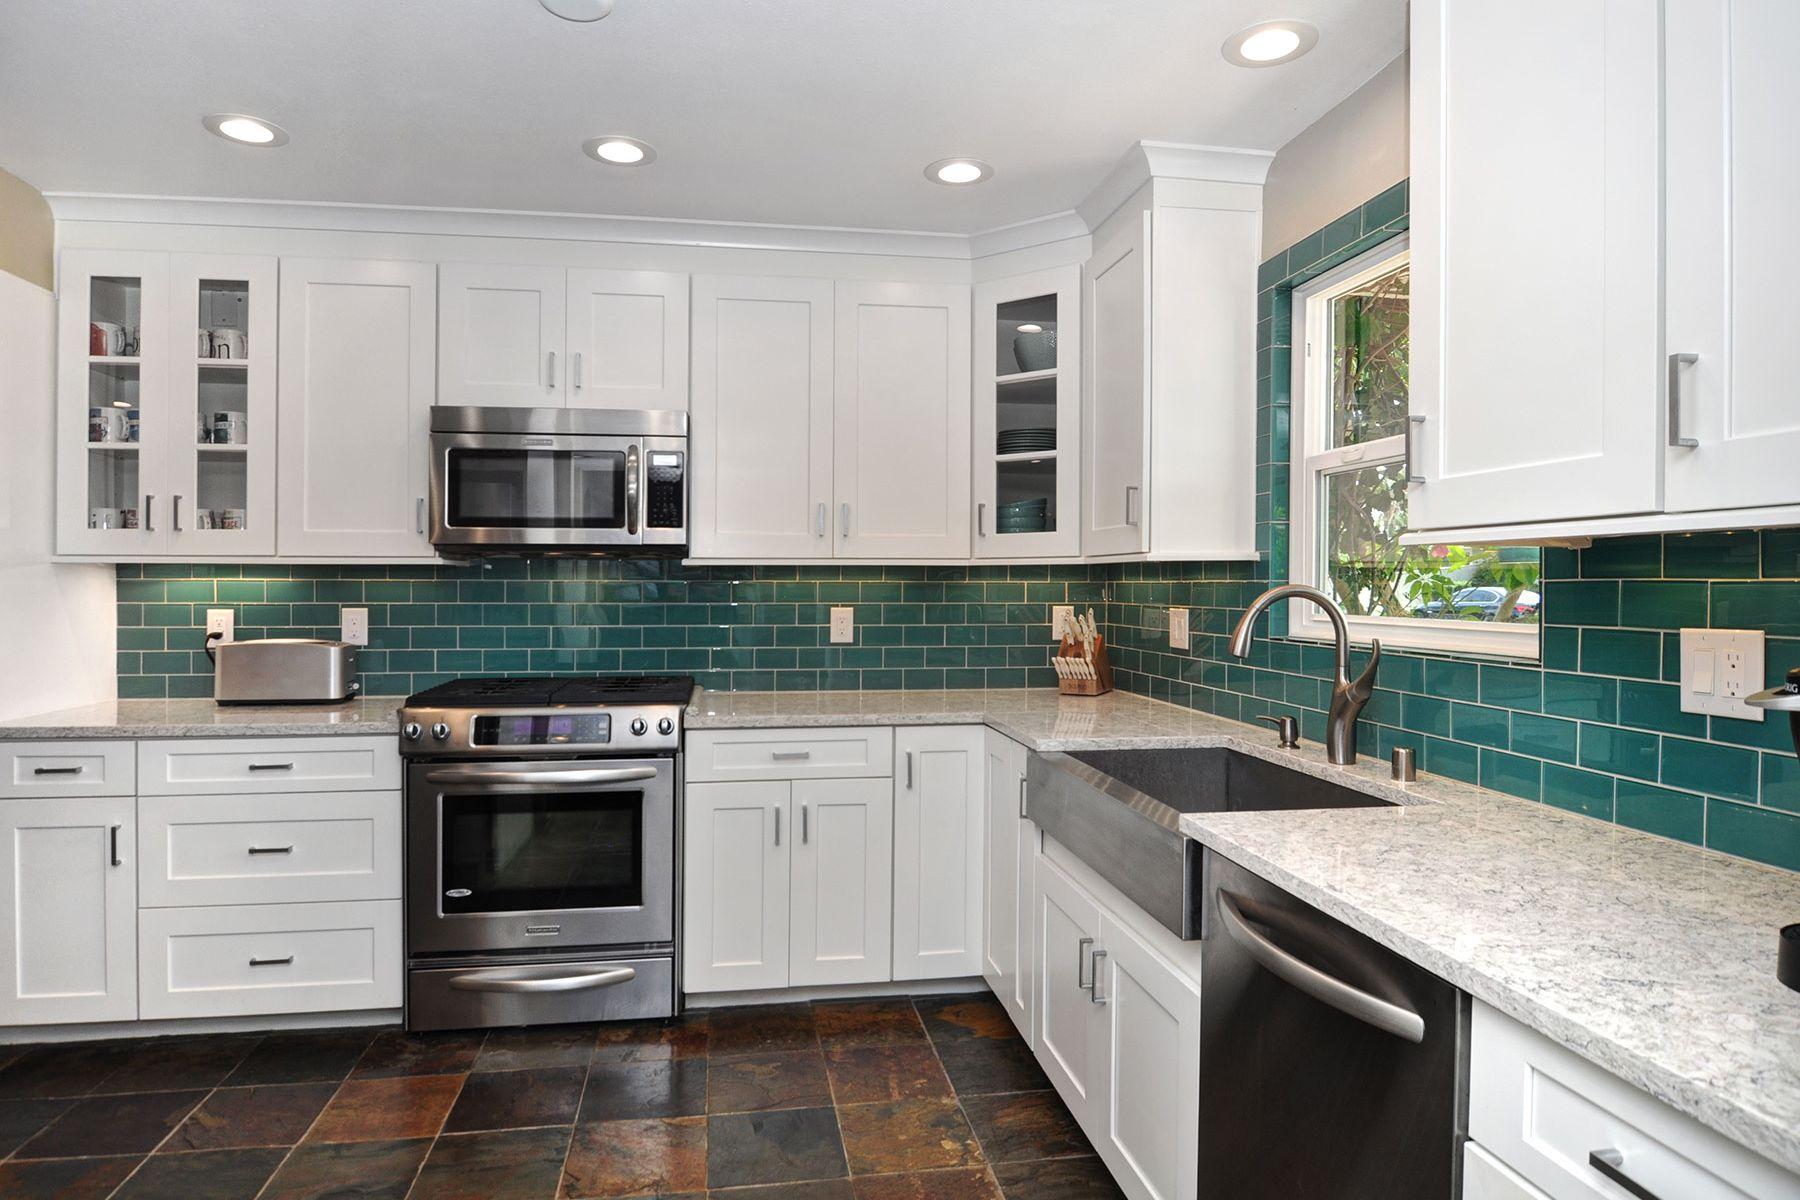 단독 가정 주택 용 매매 에 273 Brentwood Costa Mesa, 캘리포니아 92627 미국